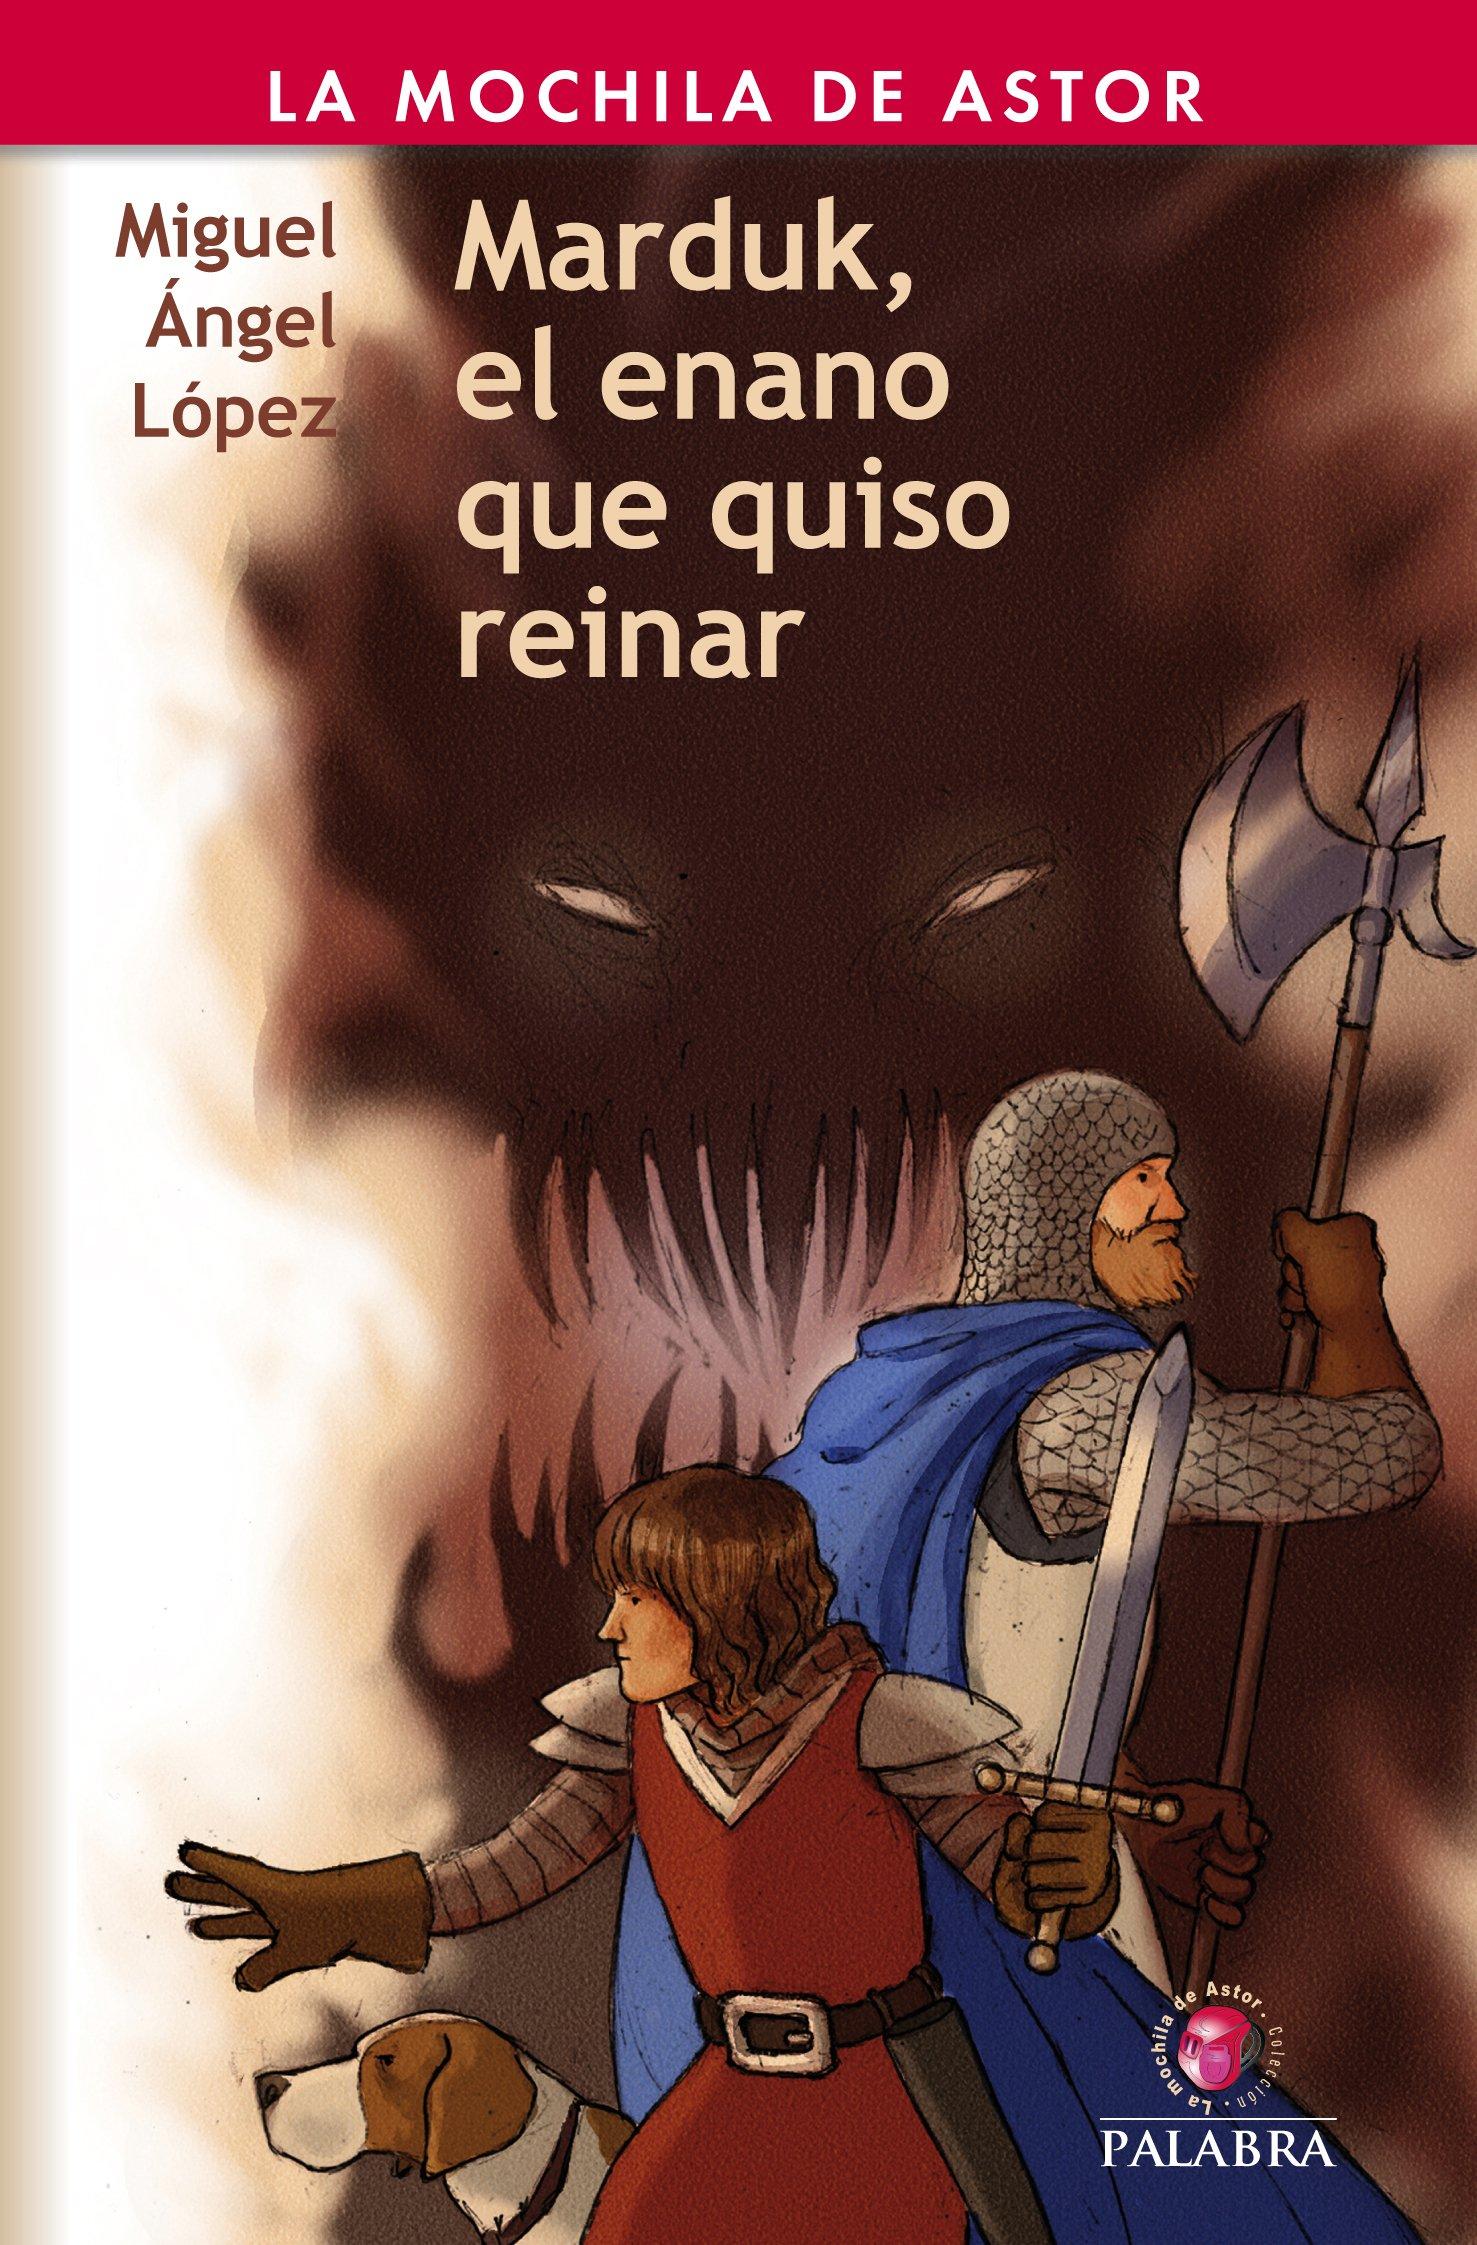 MARDUK,EL ENANO QUE QUISO REINAR ebook